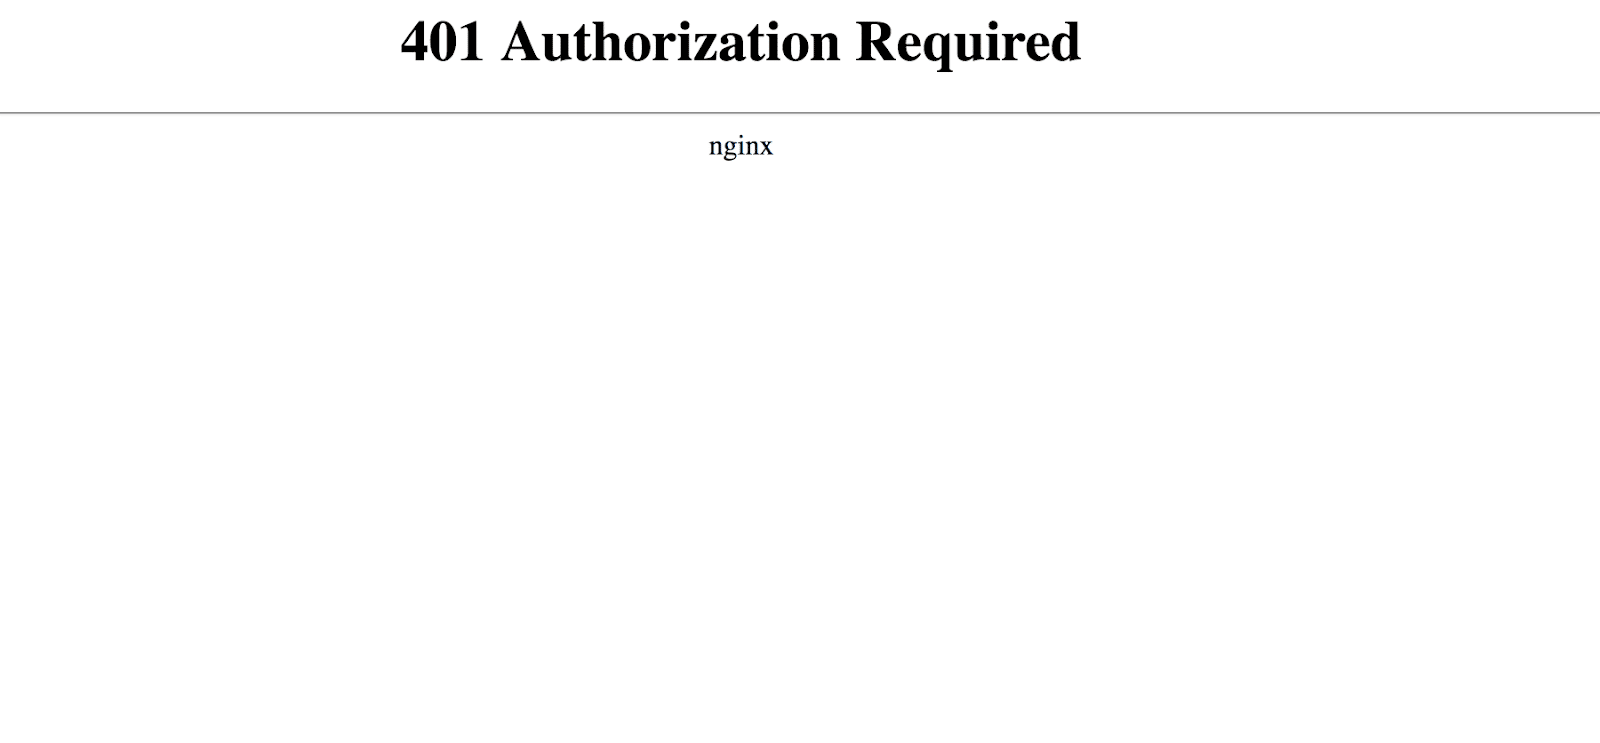 Il messaggio di errore 401 Authorization Required in Nginx